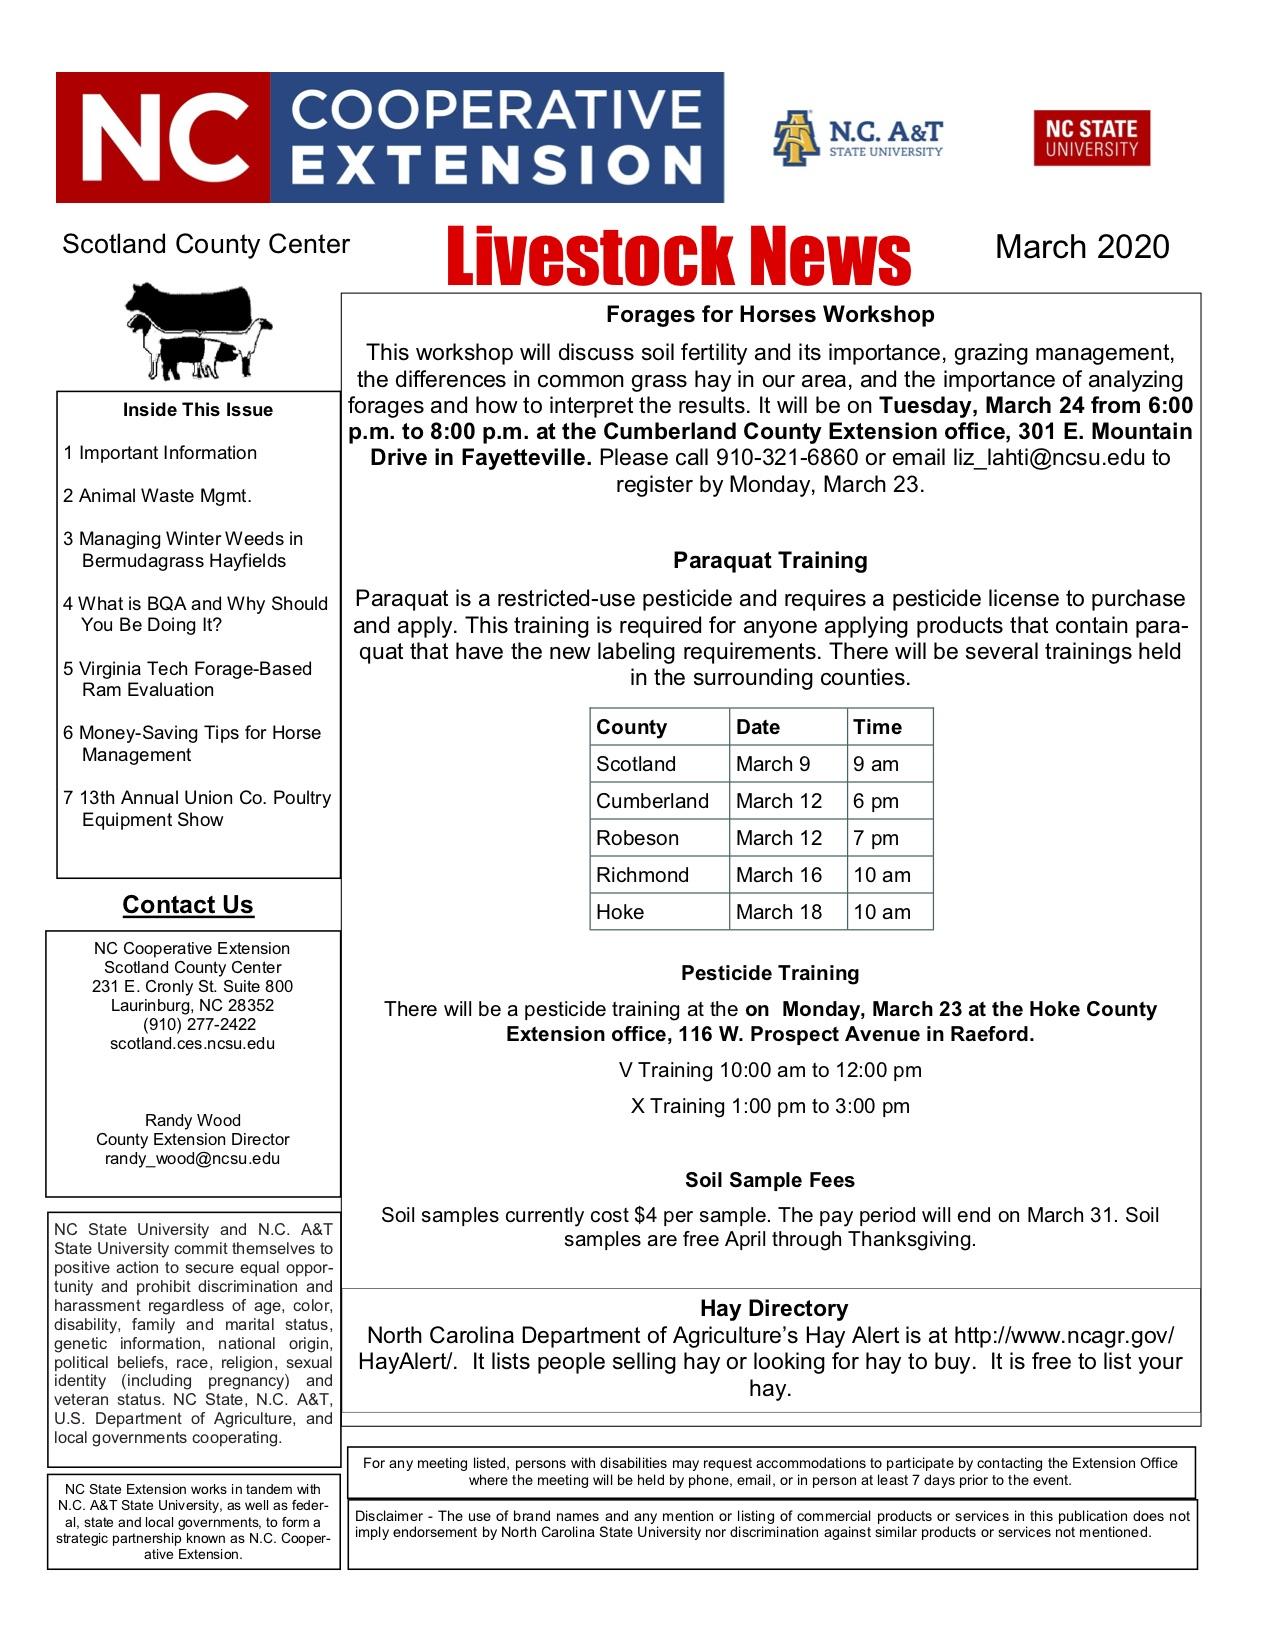 Livestock newsletter screen shot image